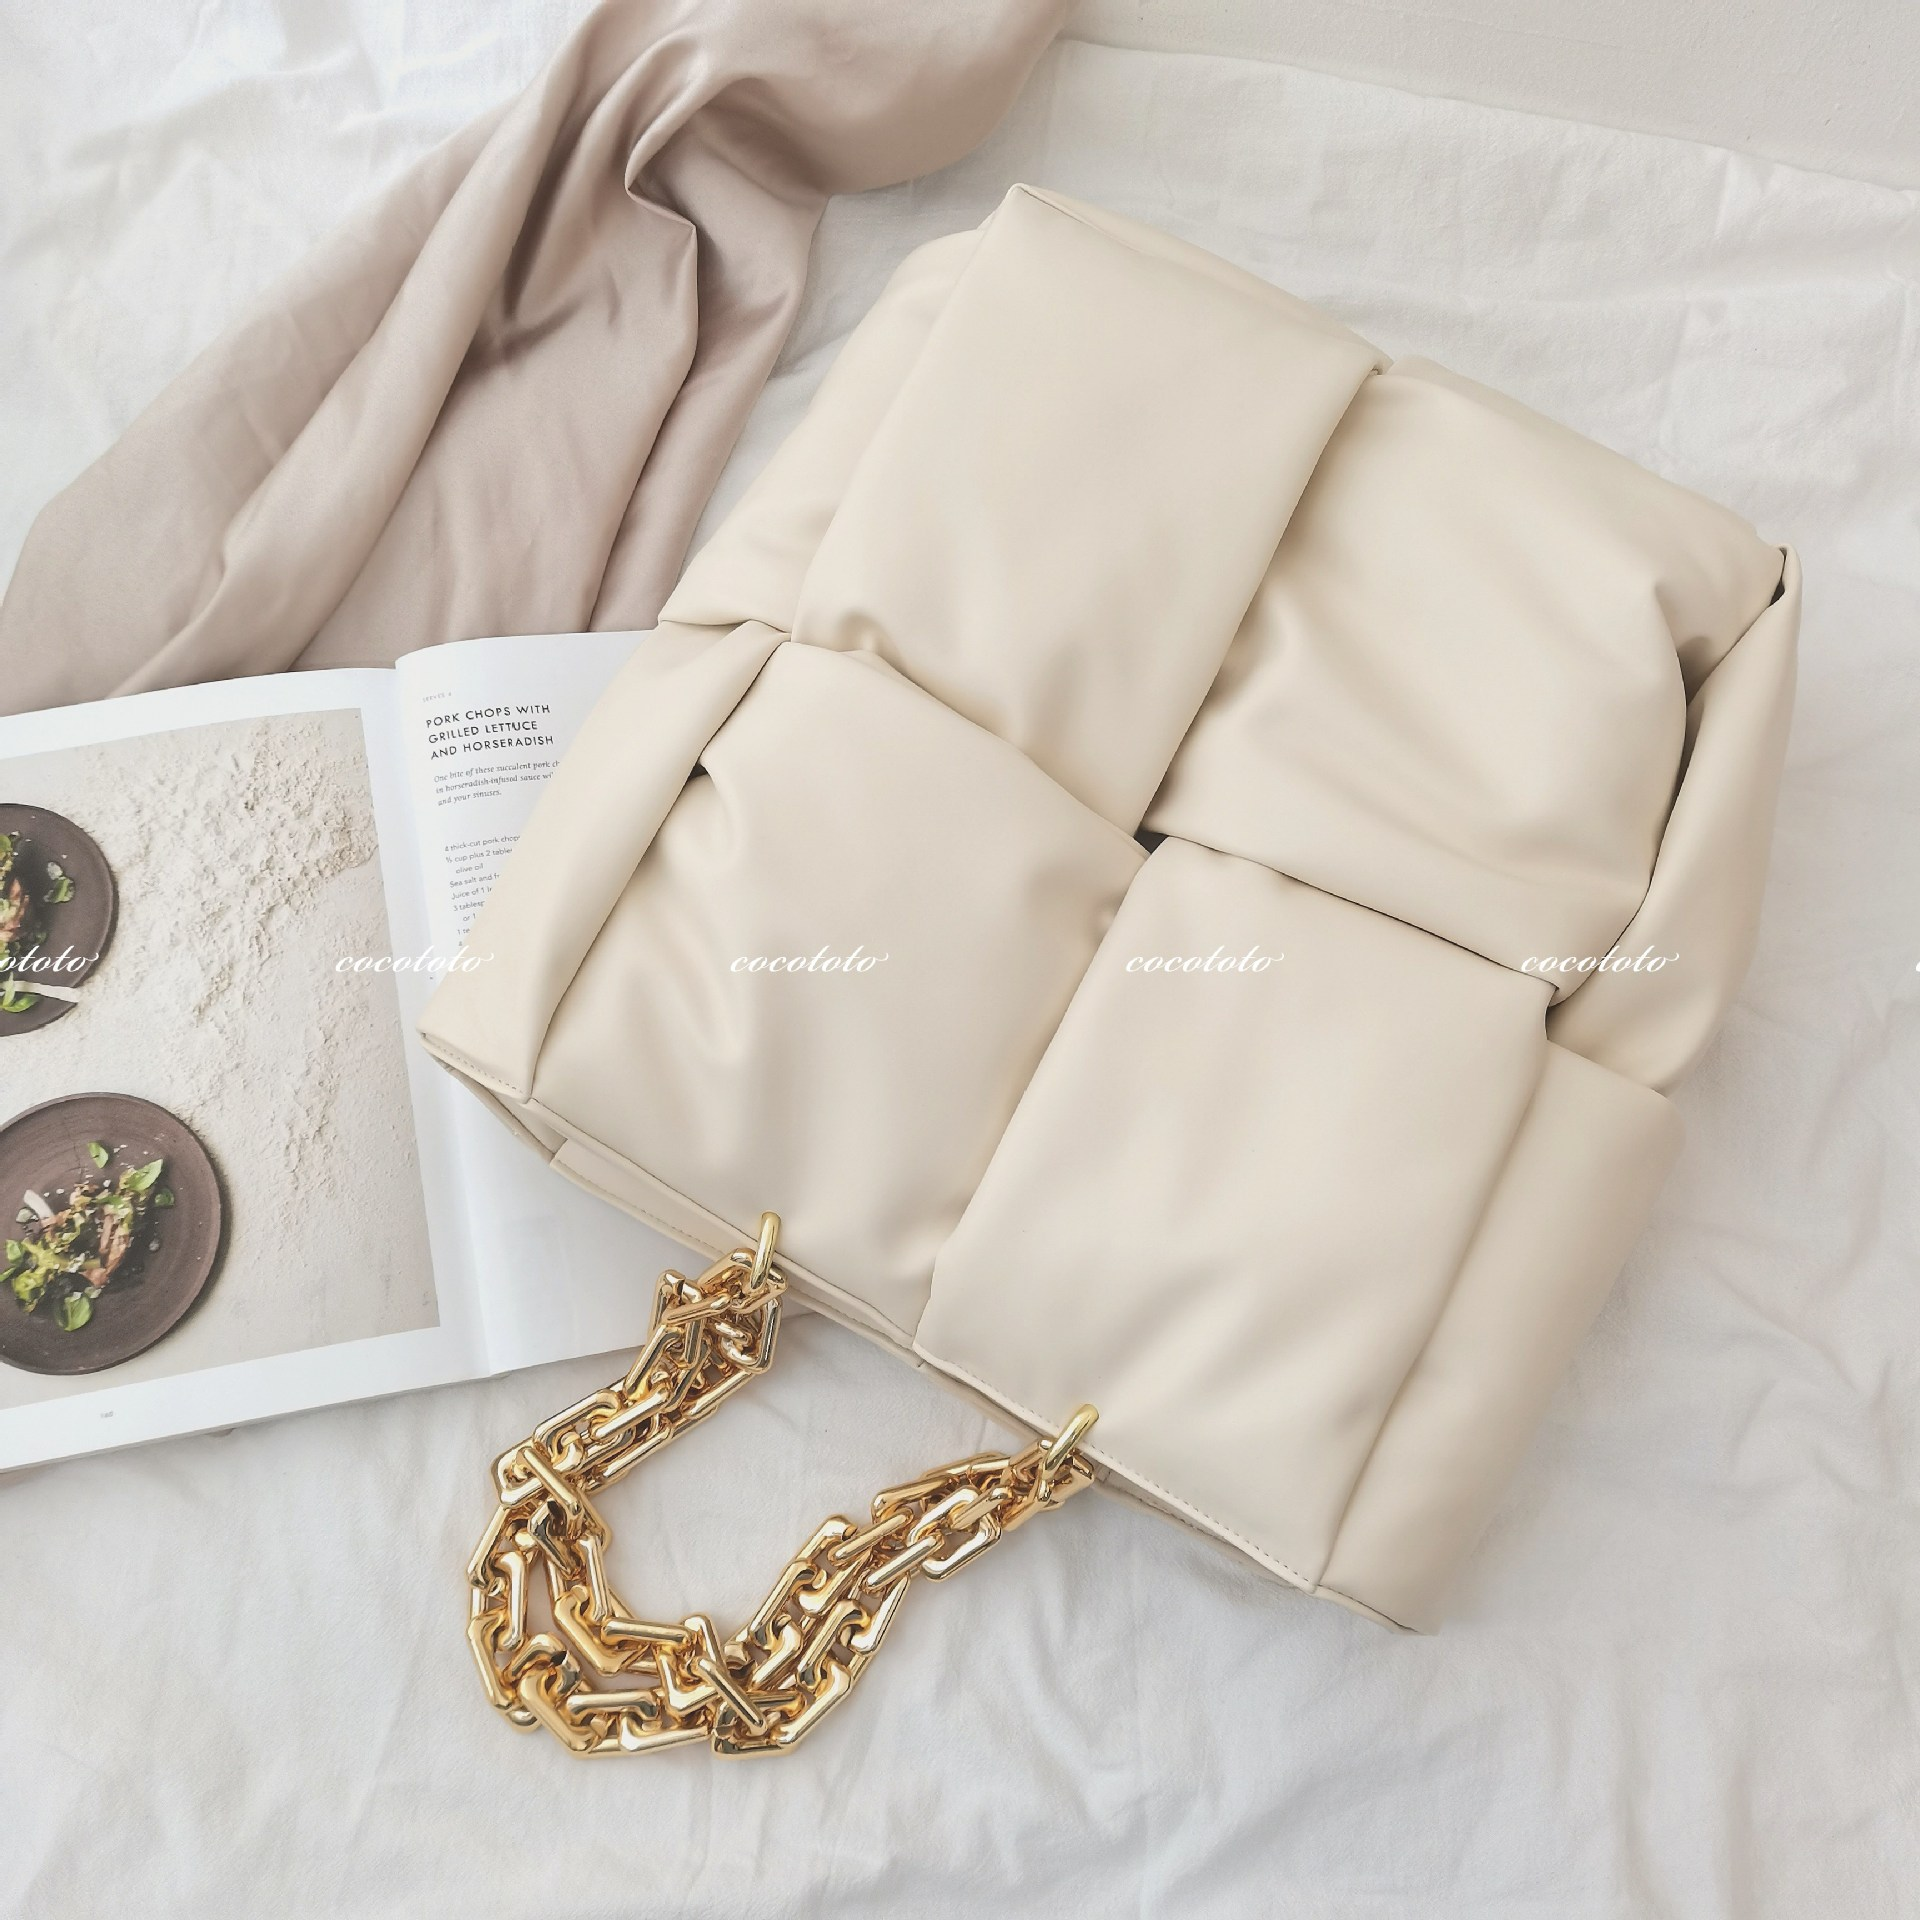 Moda grossa cadeias de couro tecido bolsas